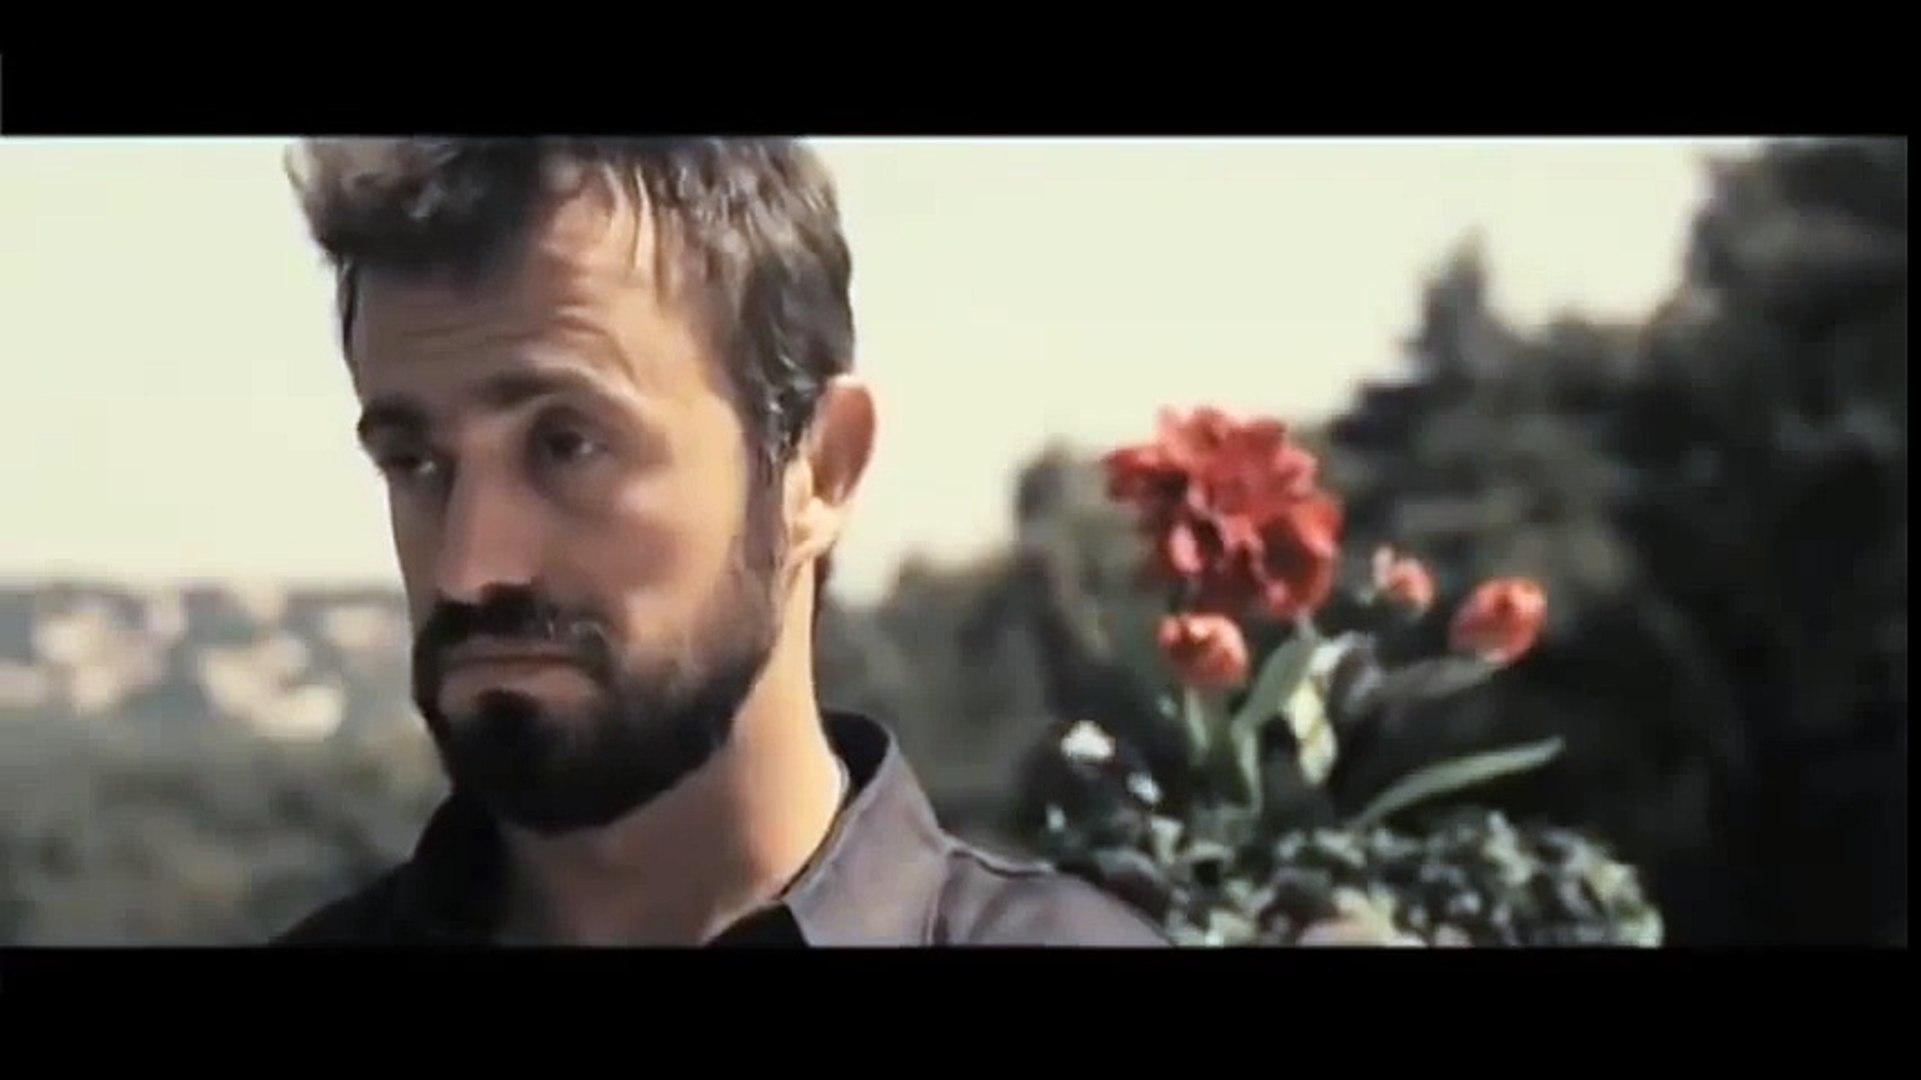 A Serbian Film Porno a serbian film (2010) - trailer (horror, thriller)